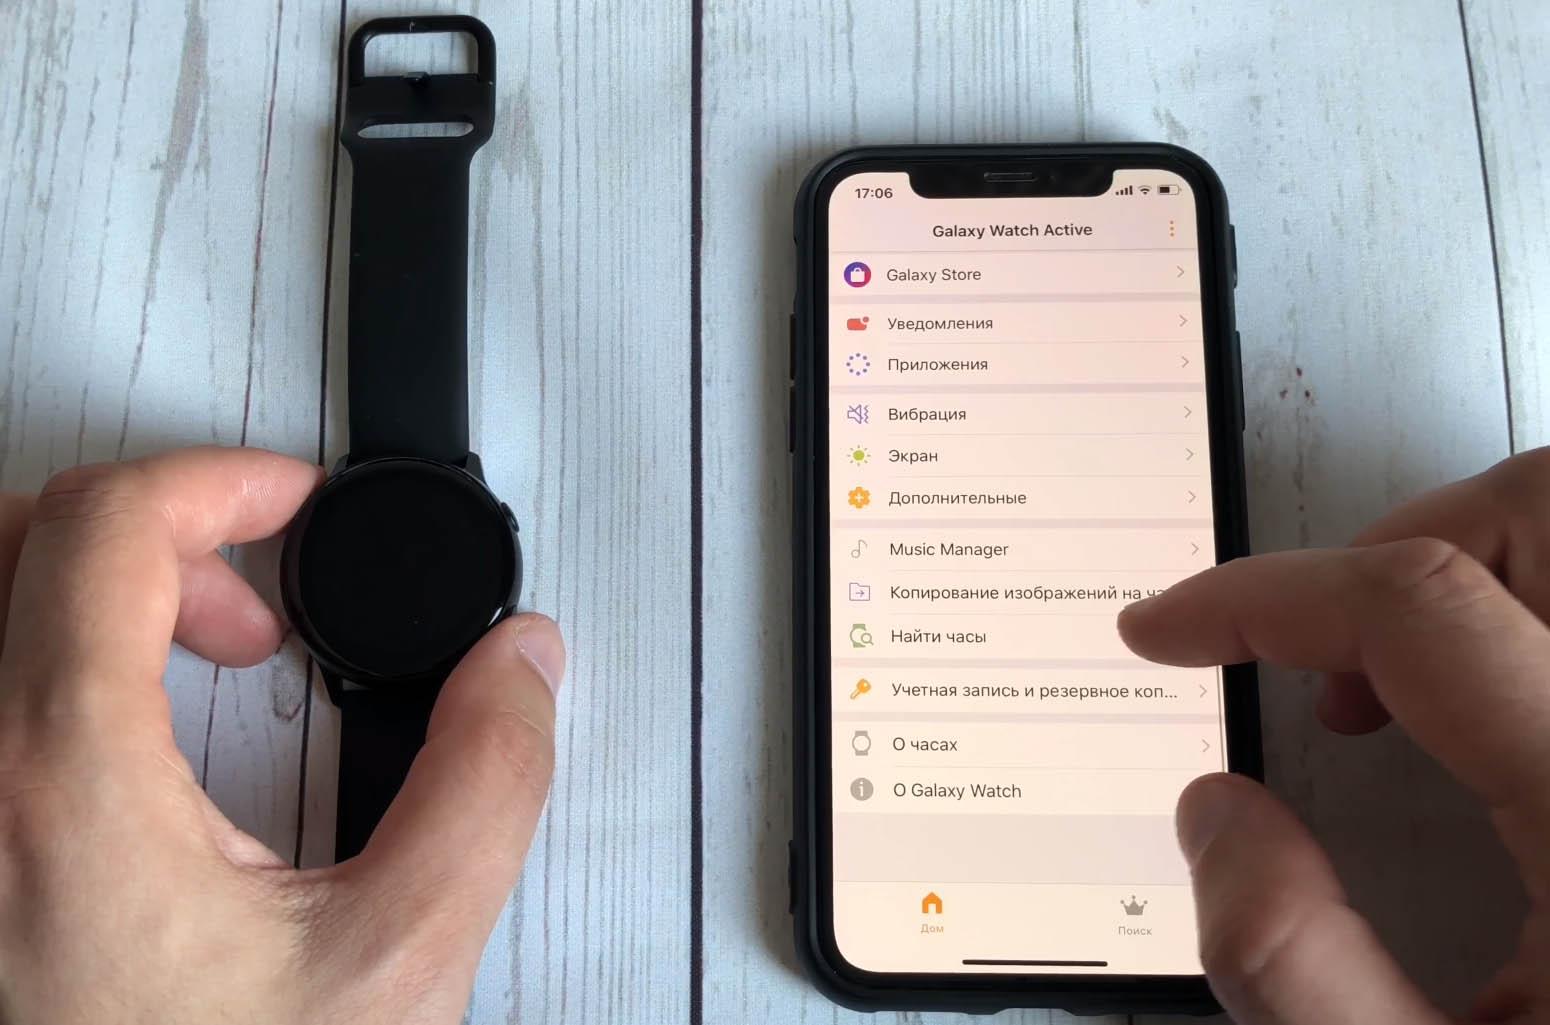 Как правильно подключить смарт-часы к телефону?